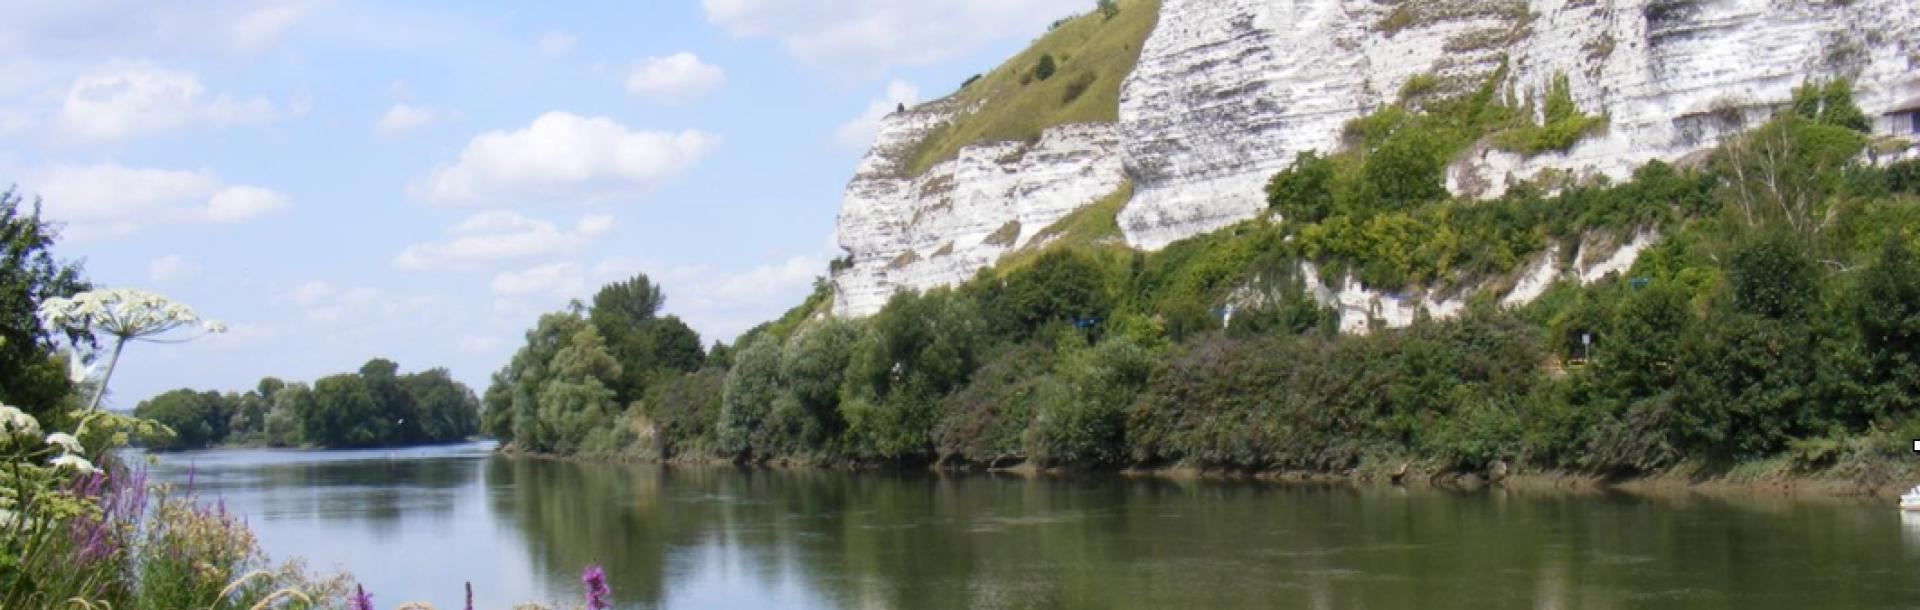 Aménagement du panorama des coteaux de Belbeuf à Saint-Adrien (76)